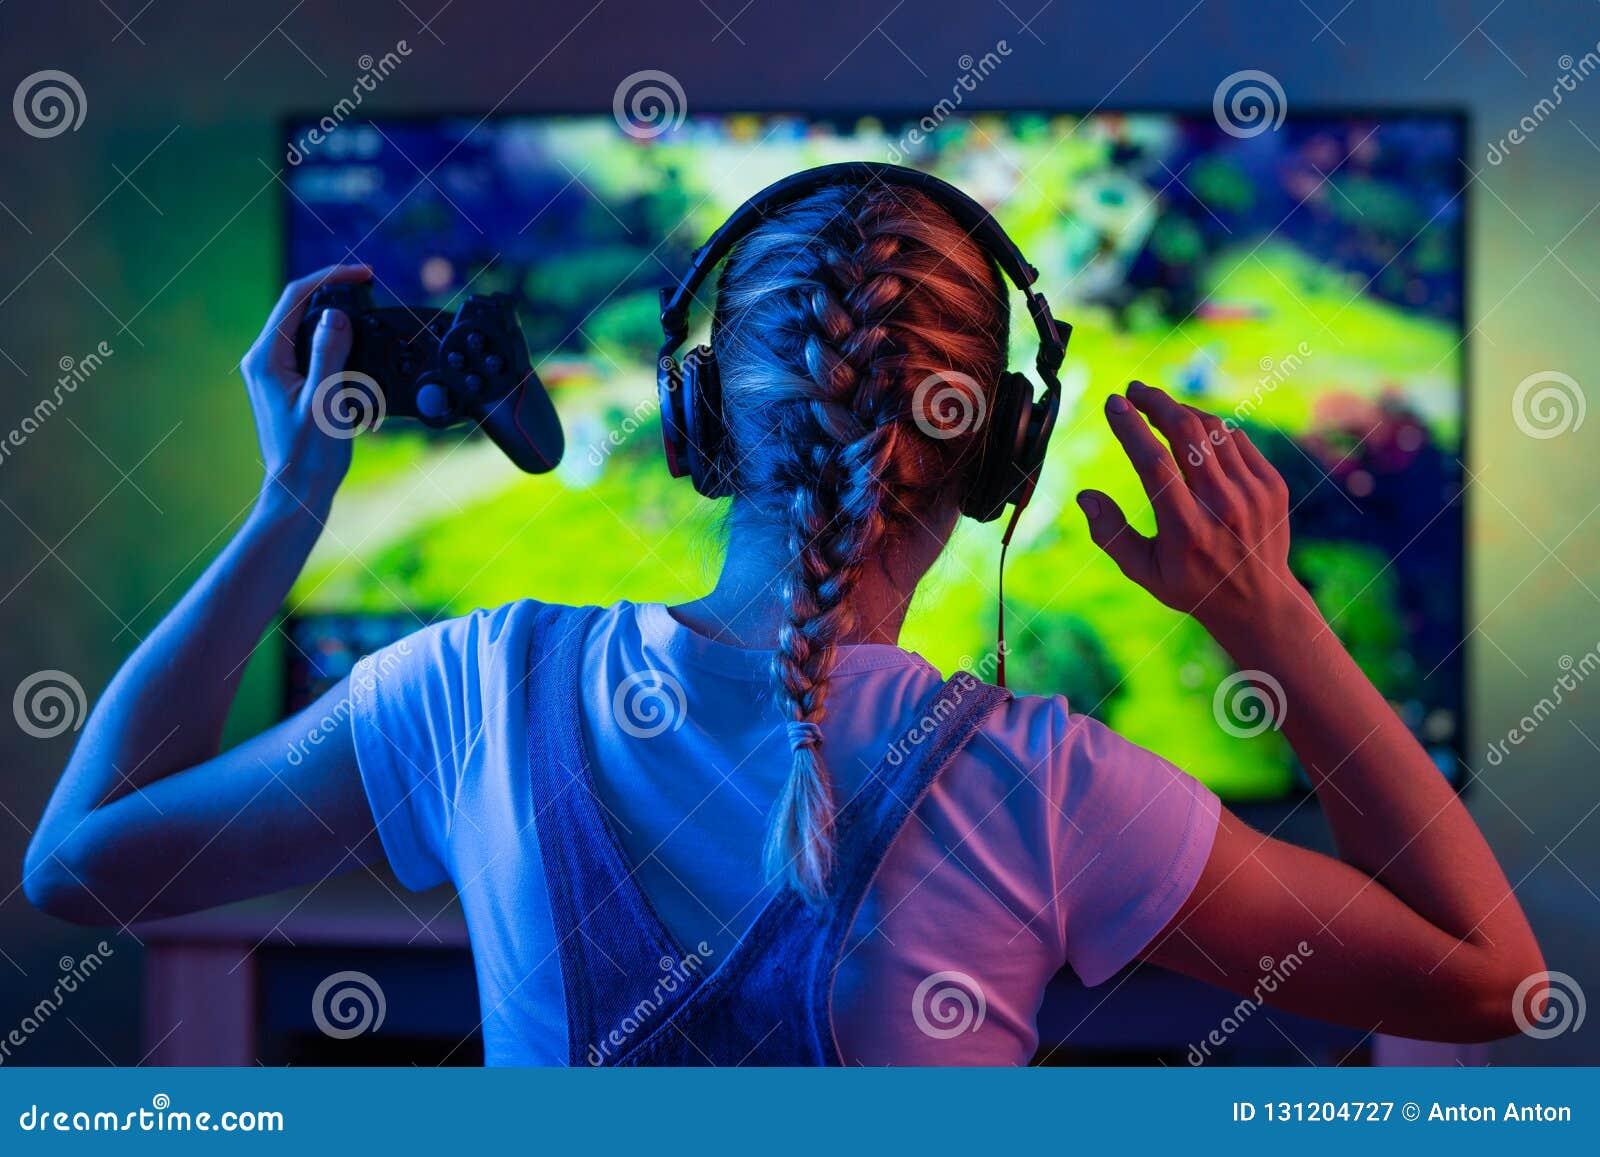 Gamer lub streamer dziewczyna w ciemnym pokoju z gamepad bawić się z przyjaciółmi na sieciach w gra wideo w domu Młody człowiek